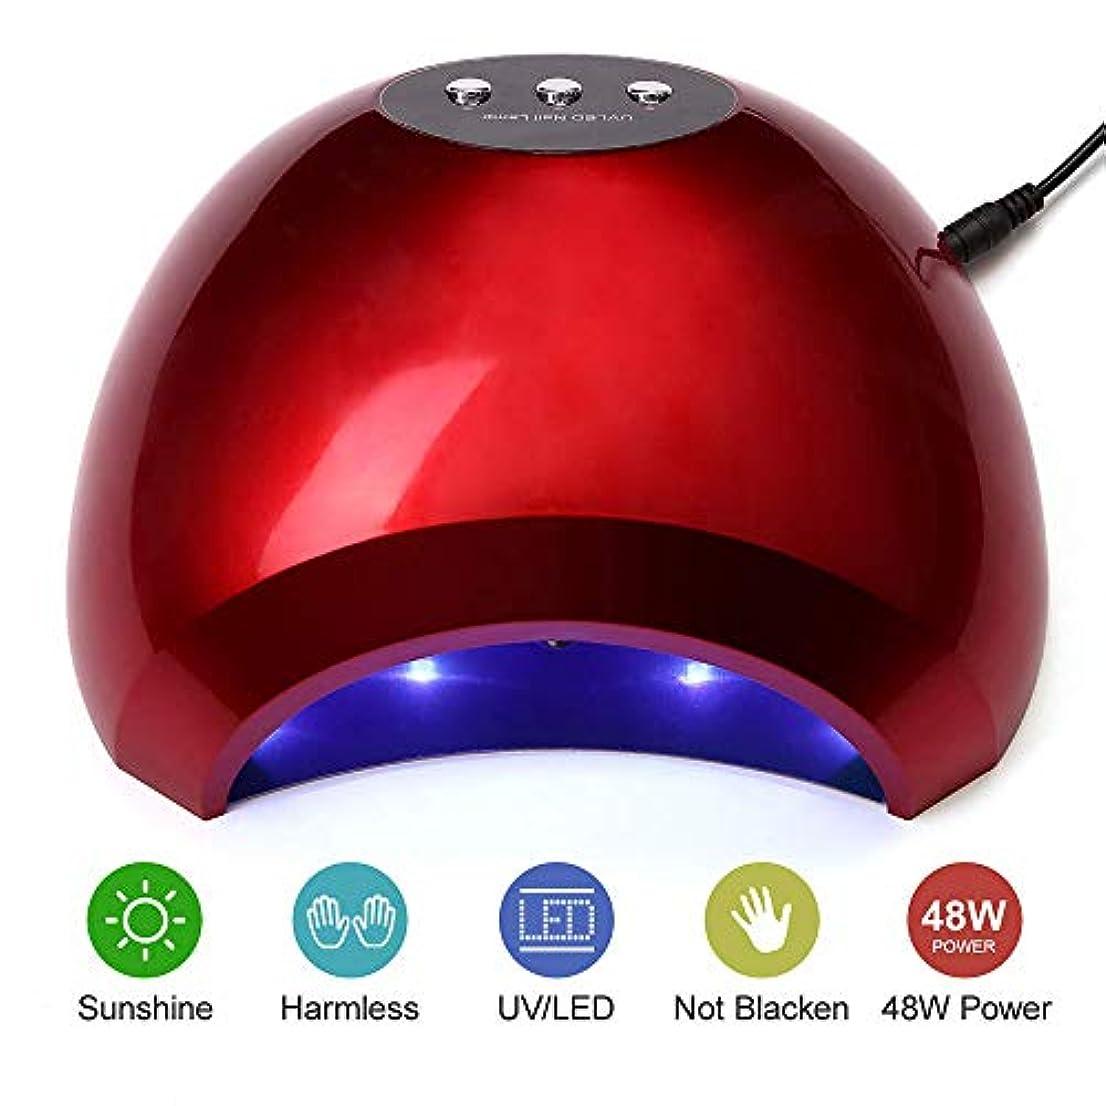 一口天皇告白するネイルドライヤーランプ48W UV LEDネイルキュアランプライトソークオフネイルジェルランプマニキュアペディキュアドライヤー付きセンサー高速